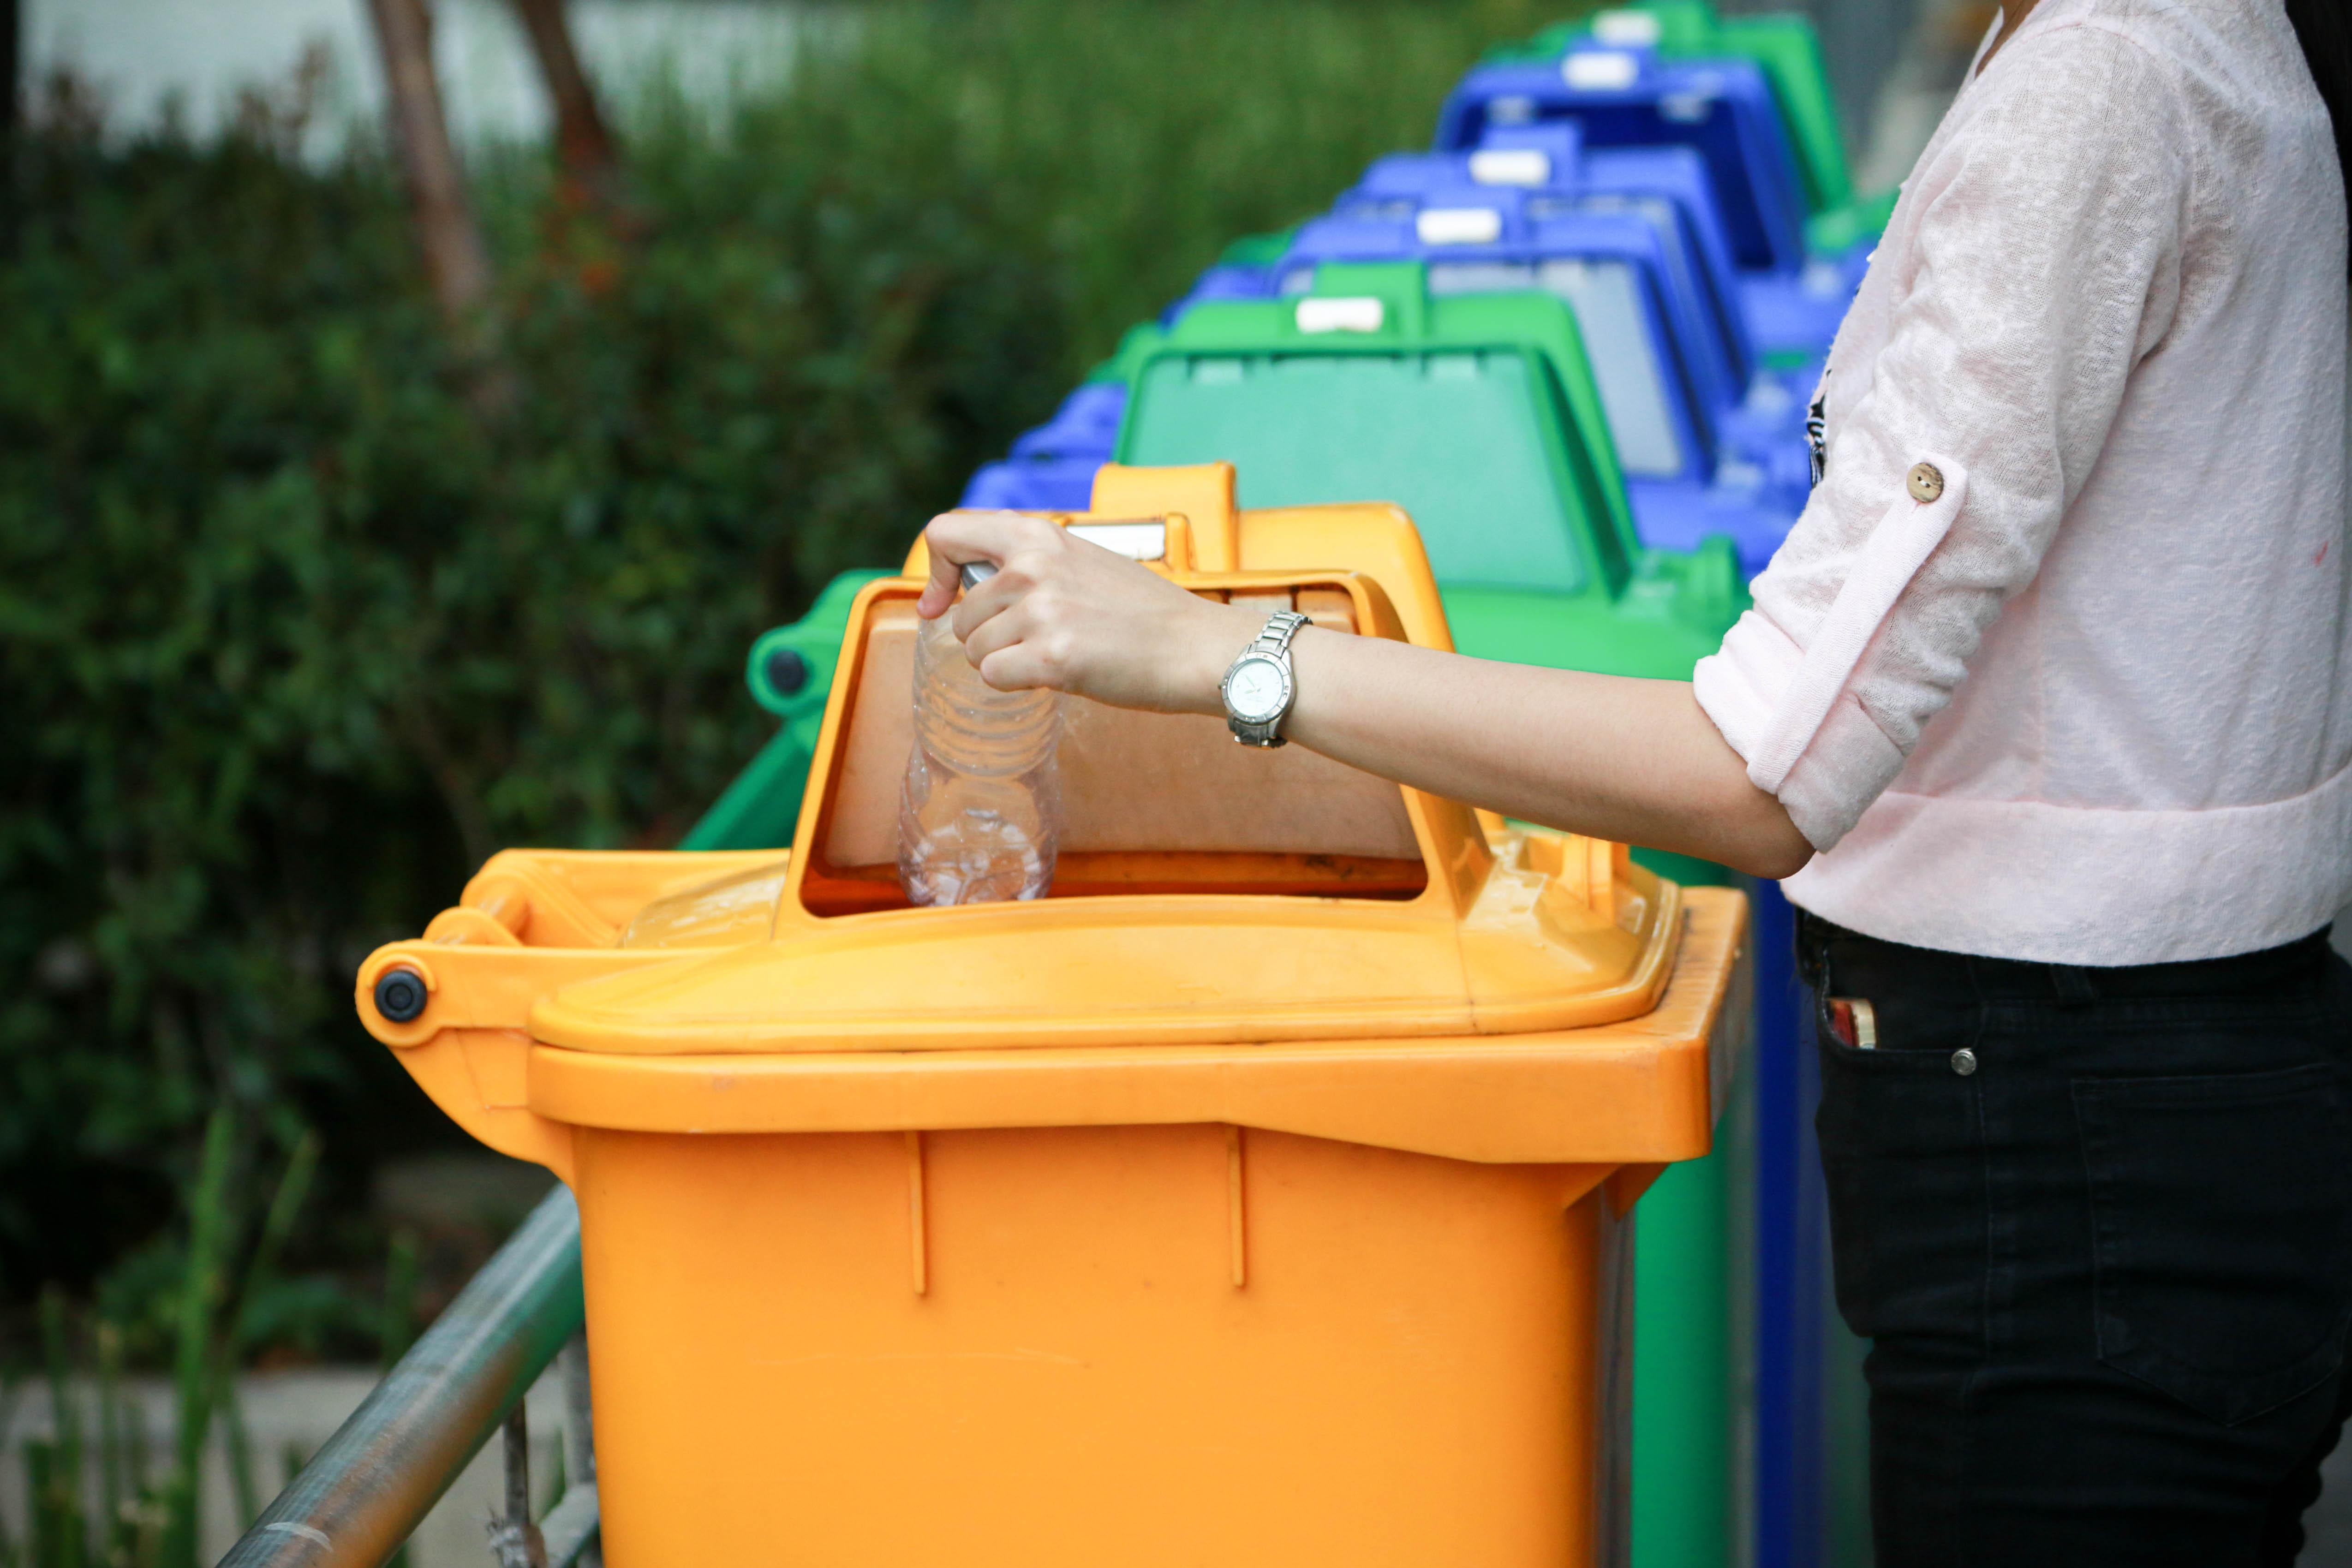 У Вас есть мусор и это проблема для вас ?